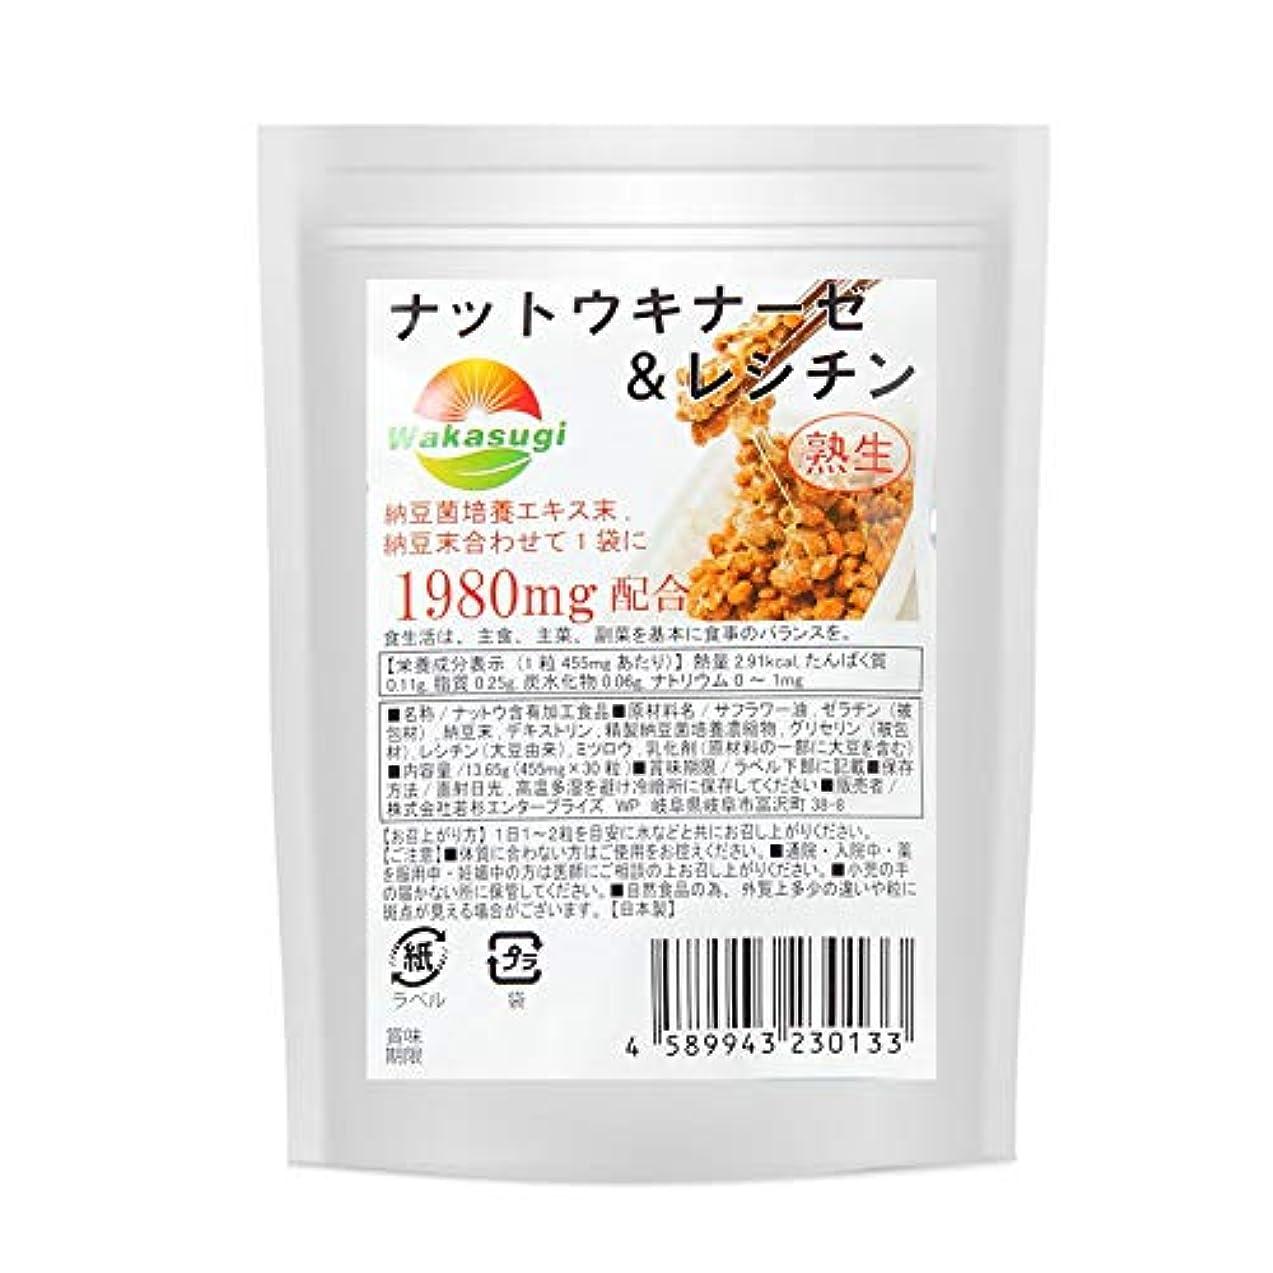 教義いらいらする大いに超熟 納豆サプリメント 30粒 生ナットウキナーゼ&レシチン ソフトカプセルタイプ